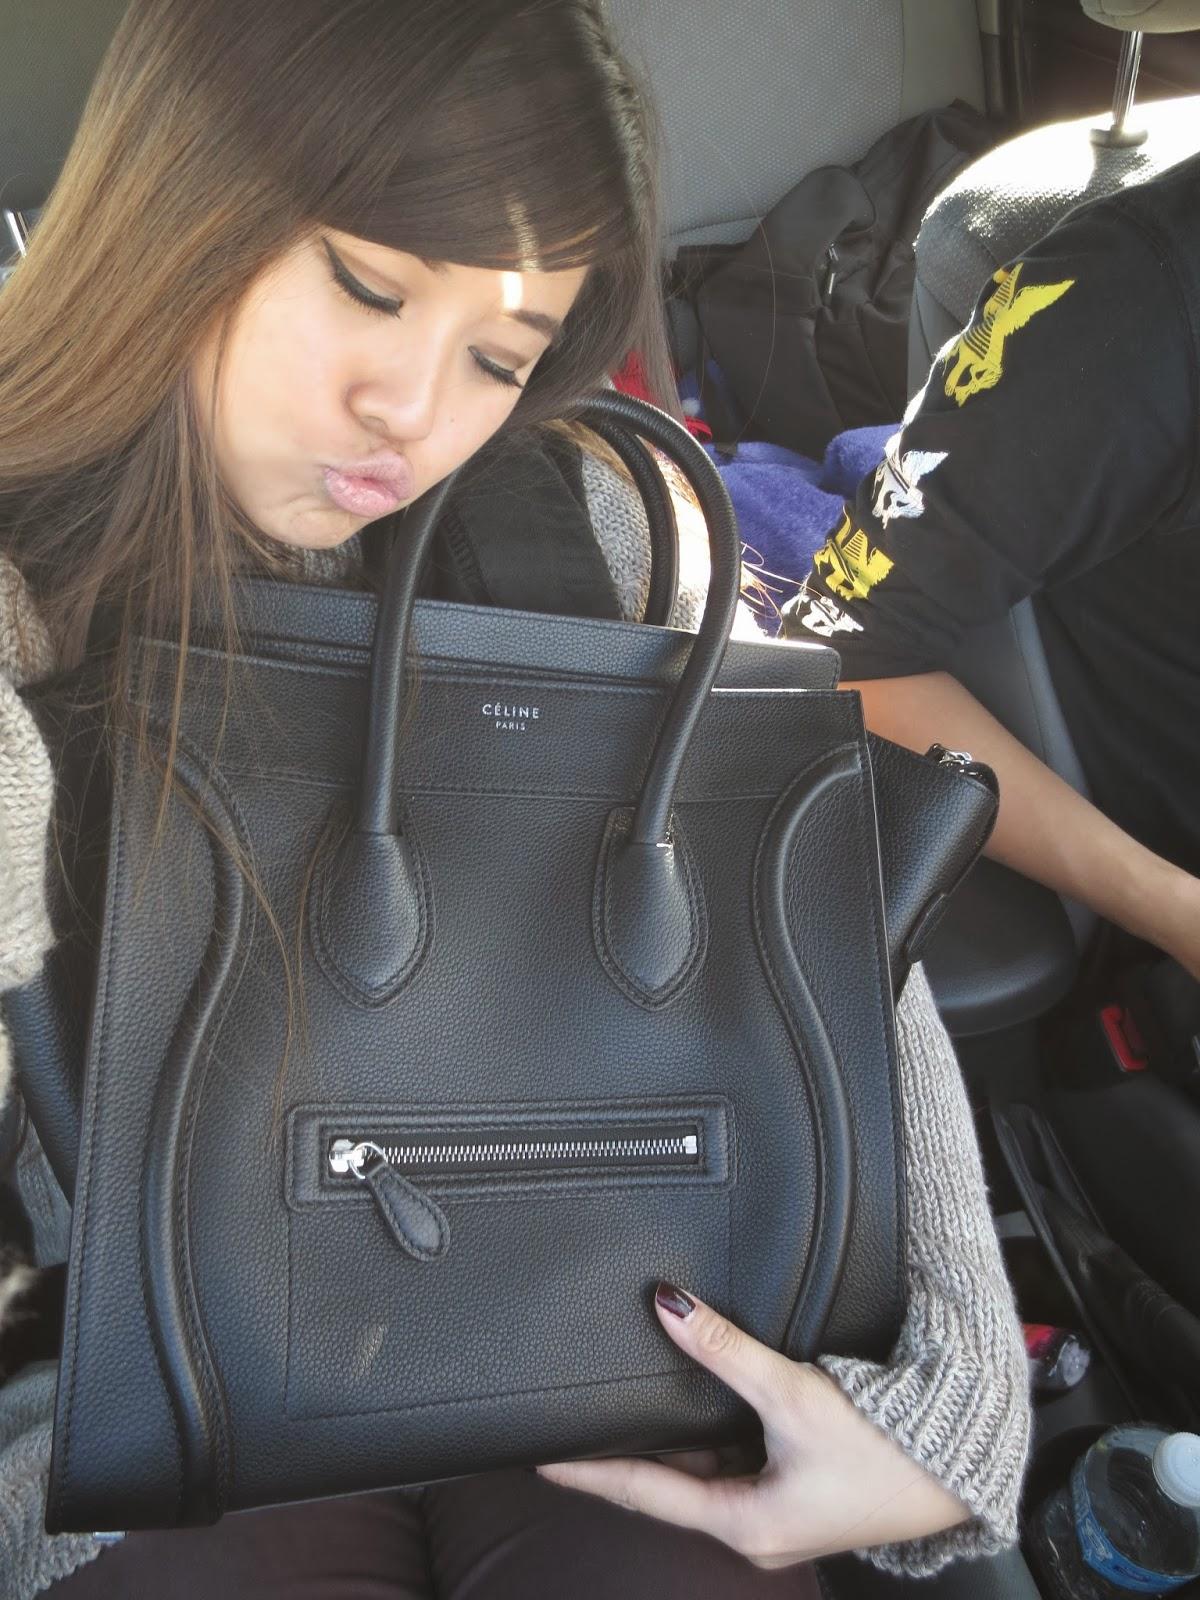 d01a7f91b2a5 Michelle   Sparkles  Celine Mini Luggage Review